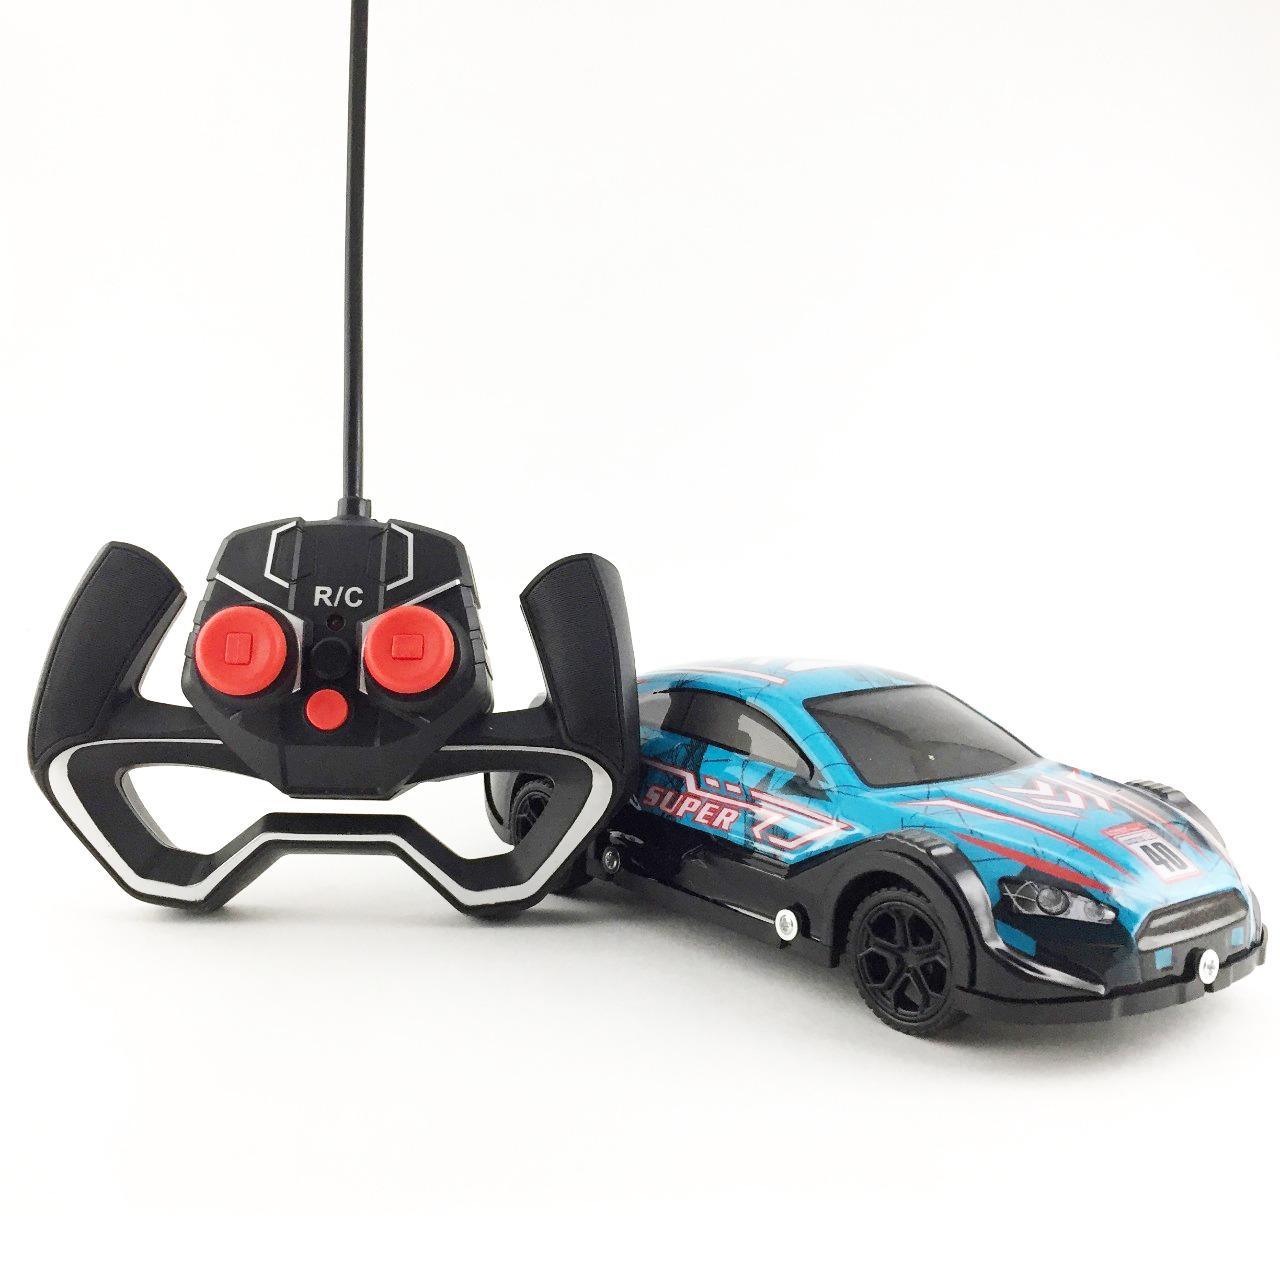 Carrinho de Controle Remoto Brilha No Escuro Bateria Recarregável Race Neon